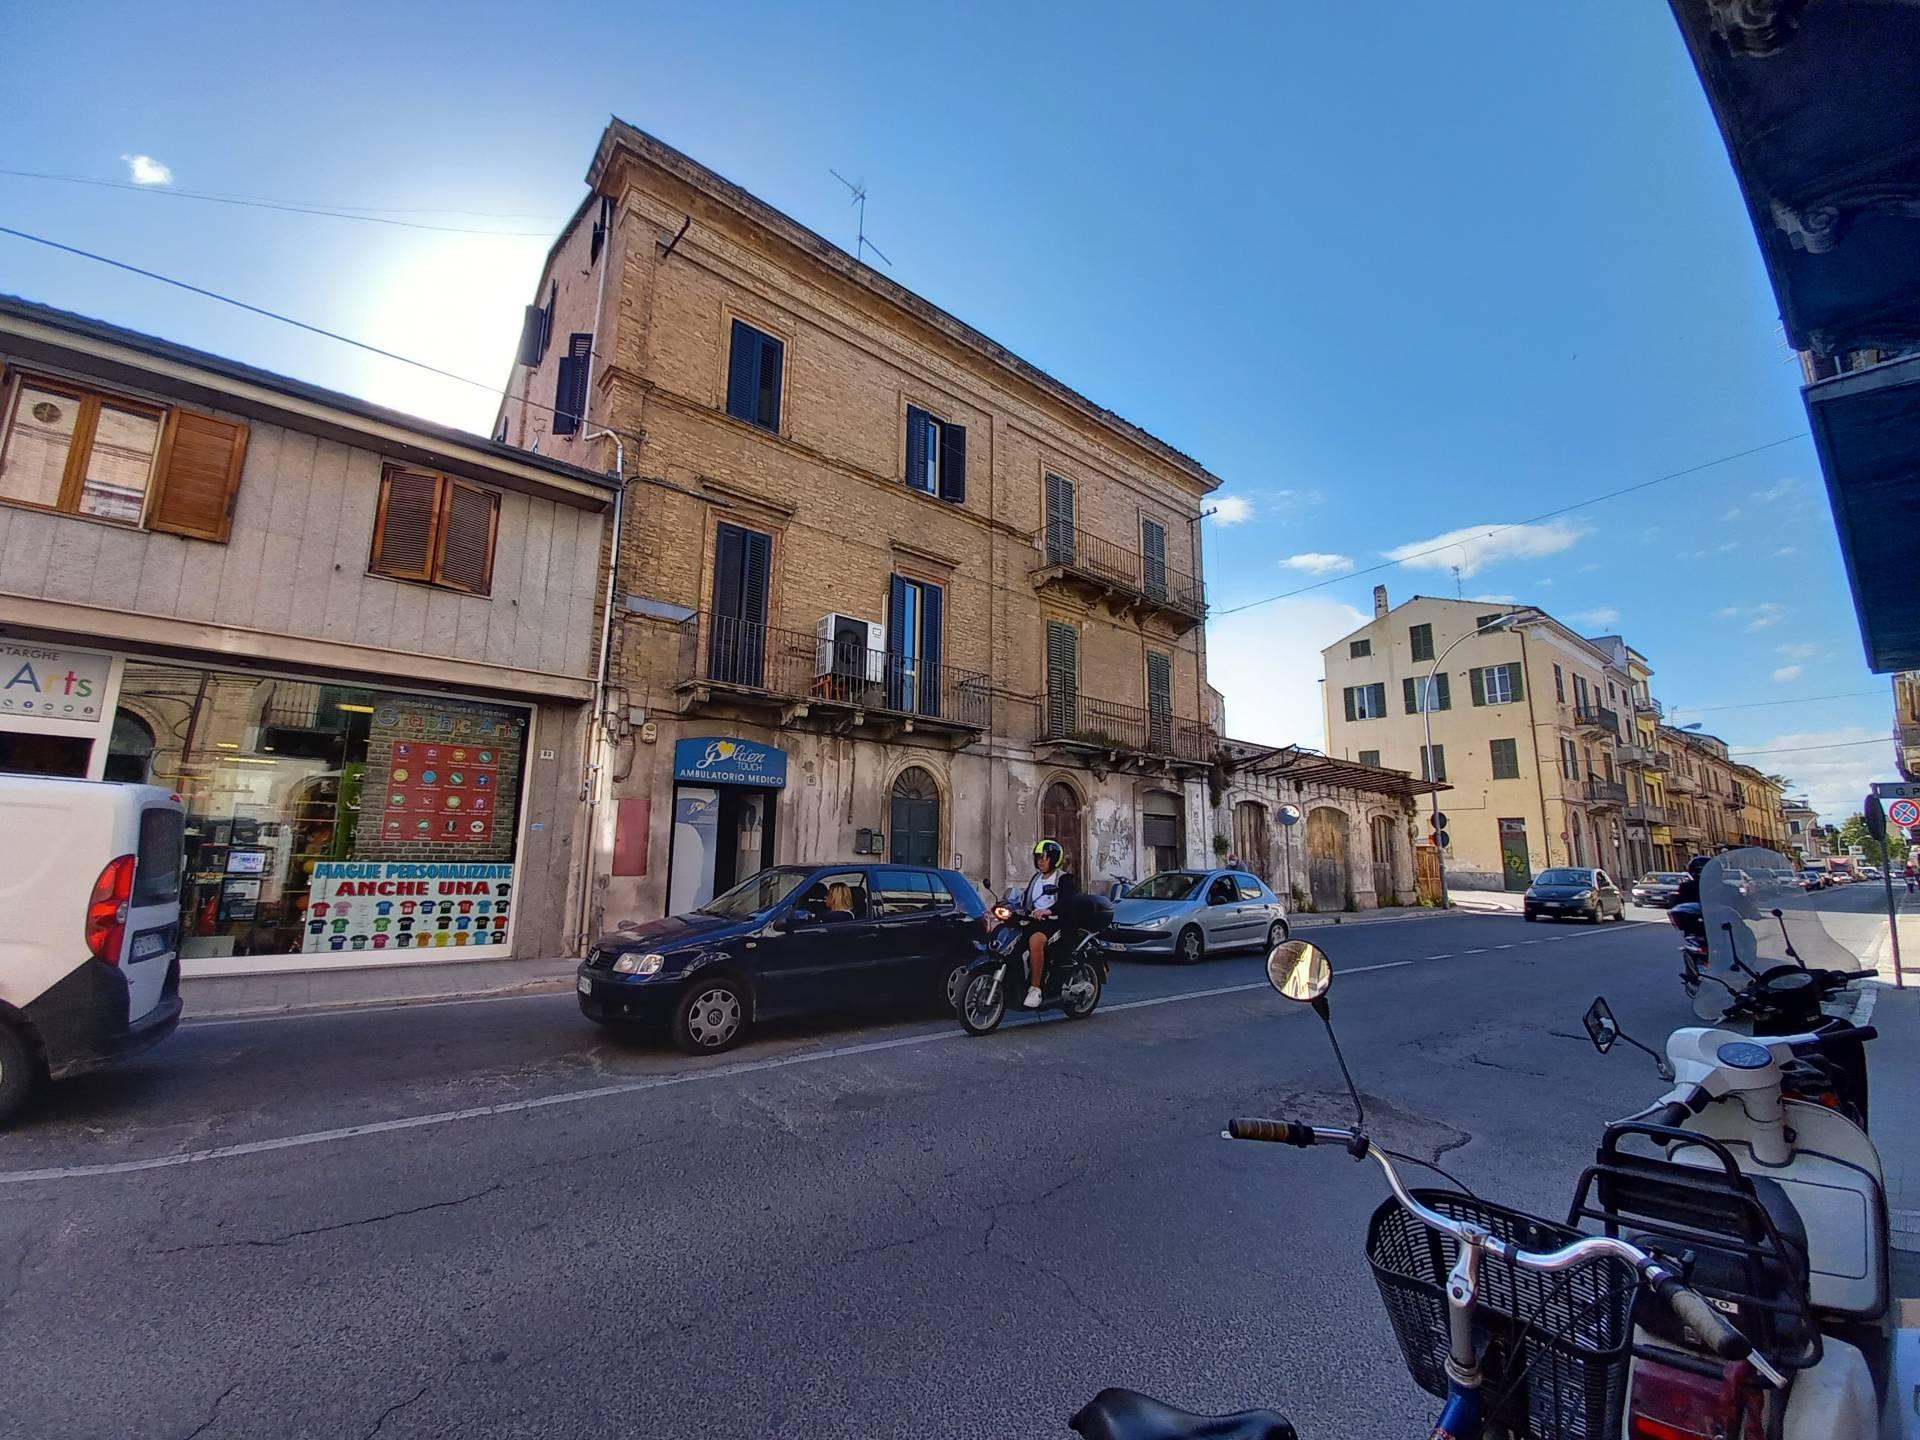 Appartamento in vendita a San Benedetto del Tronto, 3 locali, zona Località: CENTRALISSIMA, prezzo € 180.000 | PortaleAgenzieImmobiliari.it